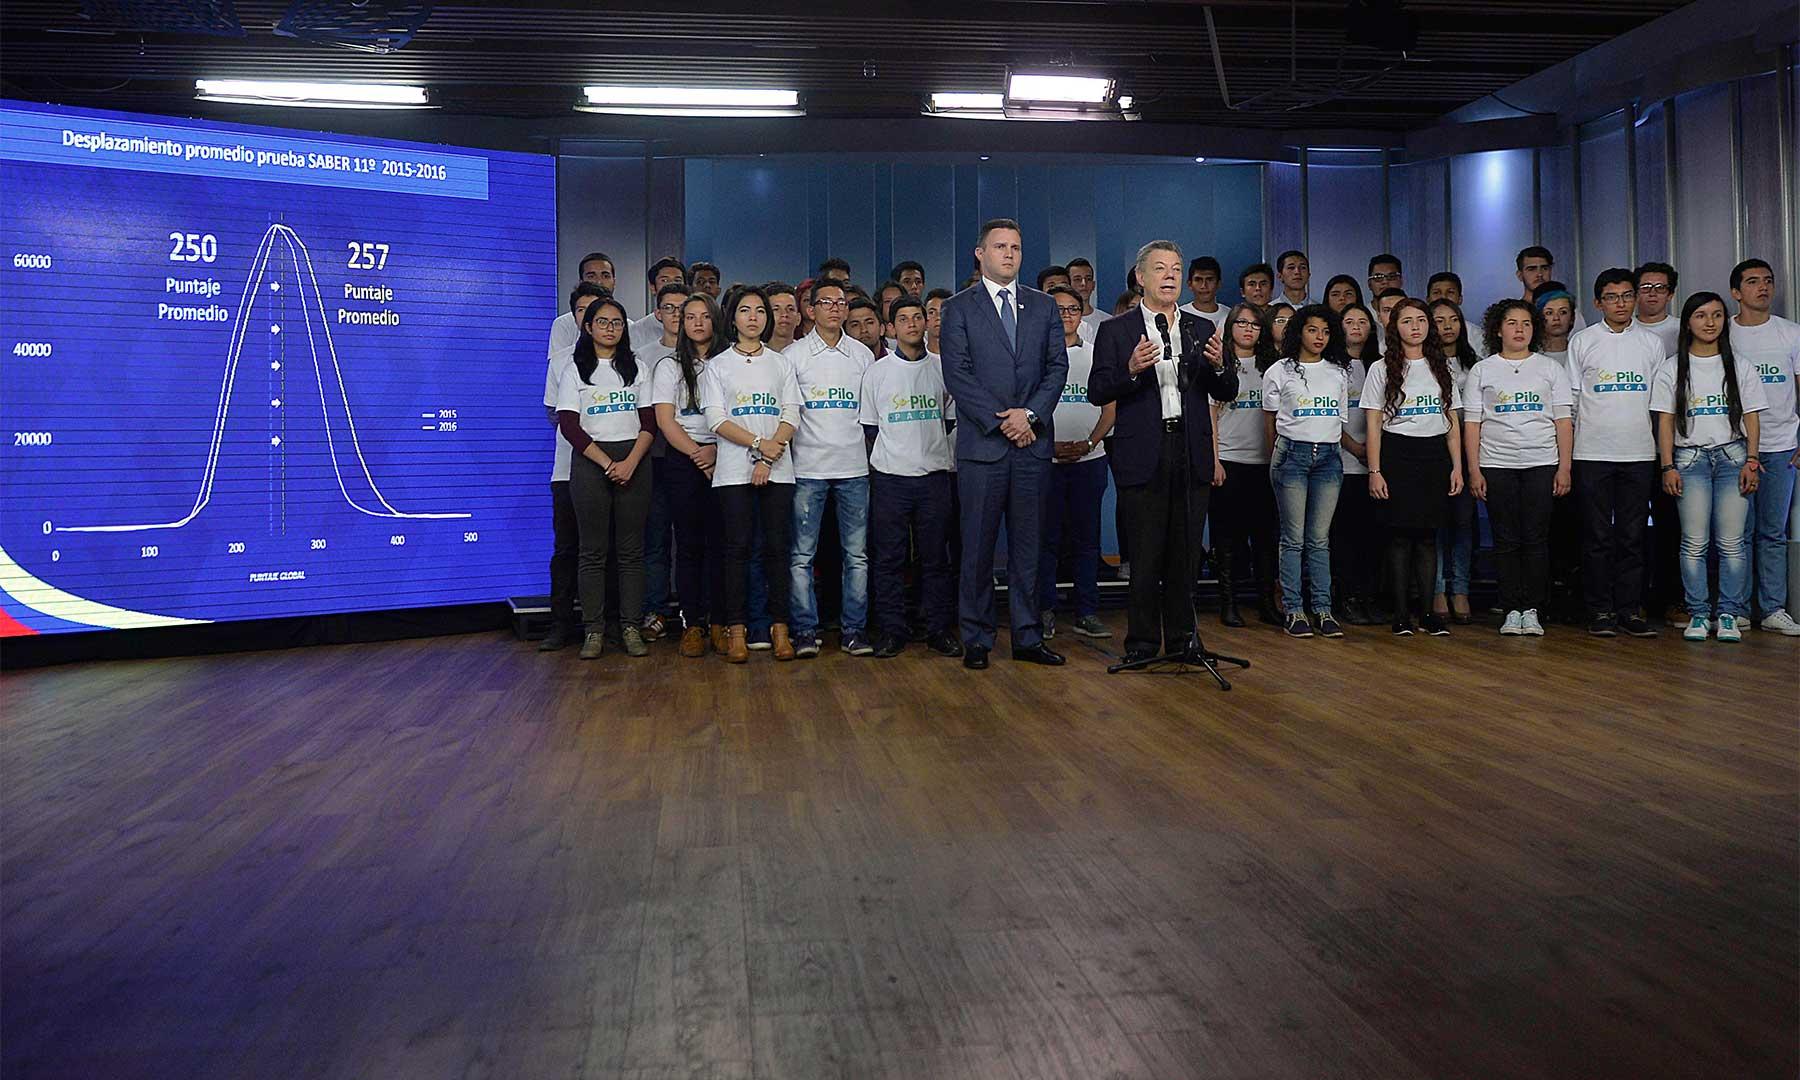 El Presidente Santos destacó el incremento de siete puntos en el promedio nacional de los resultados de las últimas Pruebas Saber 11º, al pasar de 250 puntos en 2015 a 257 este año.